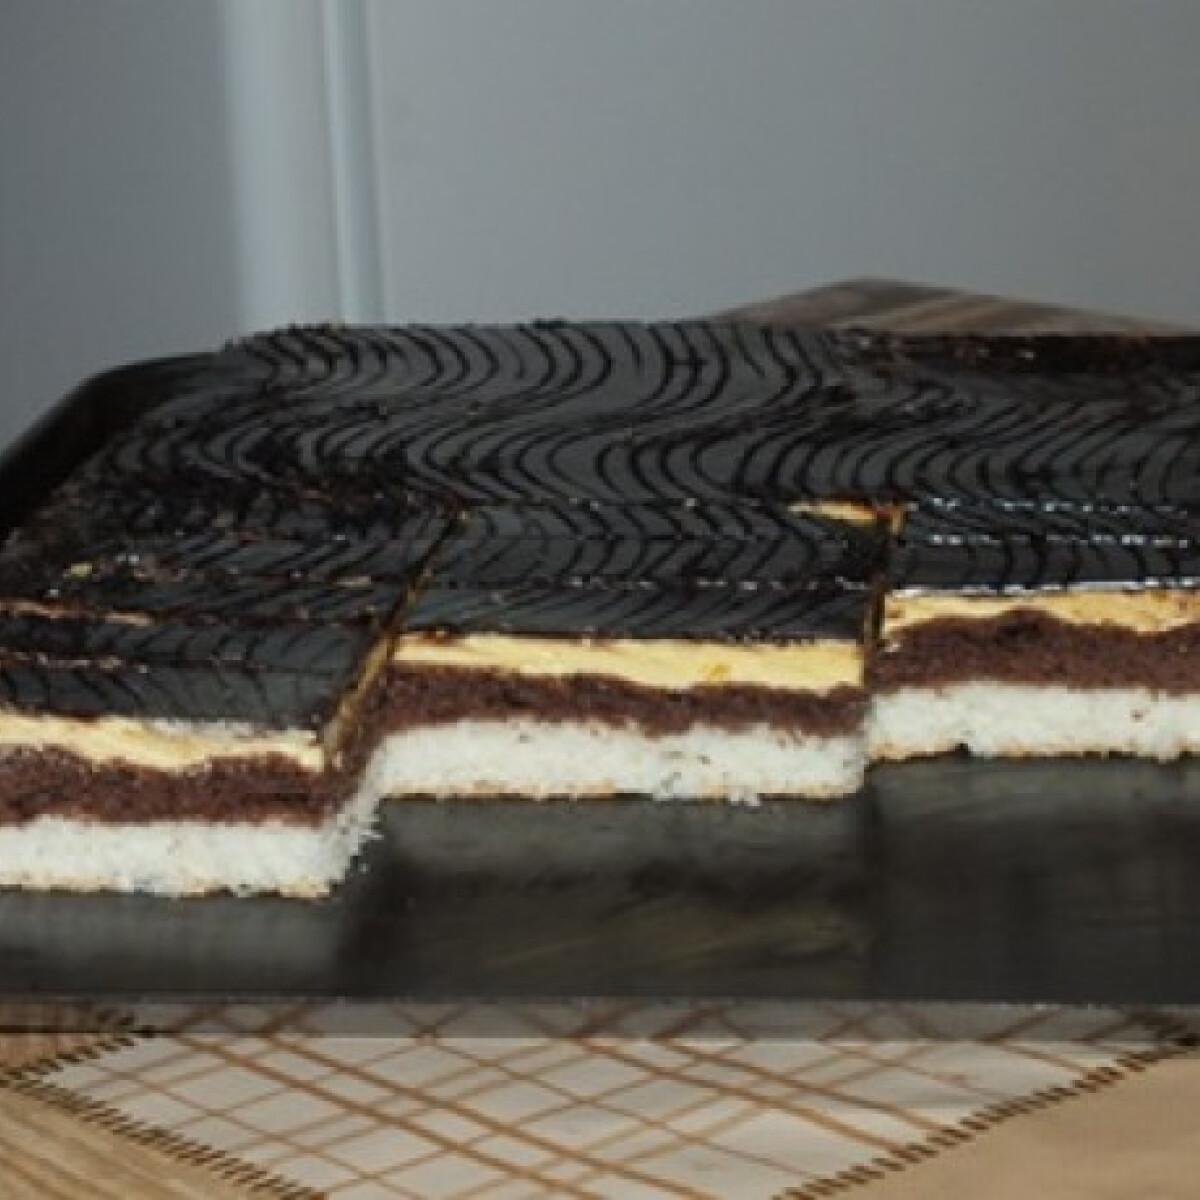 Ezen a képen: Kókuszlisztes krémes sütemény